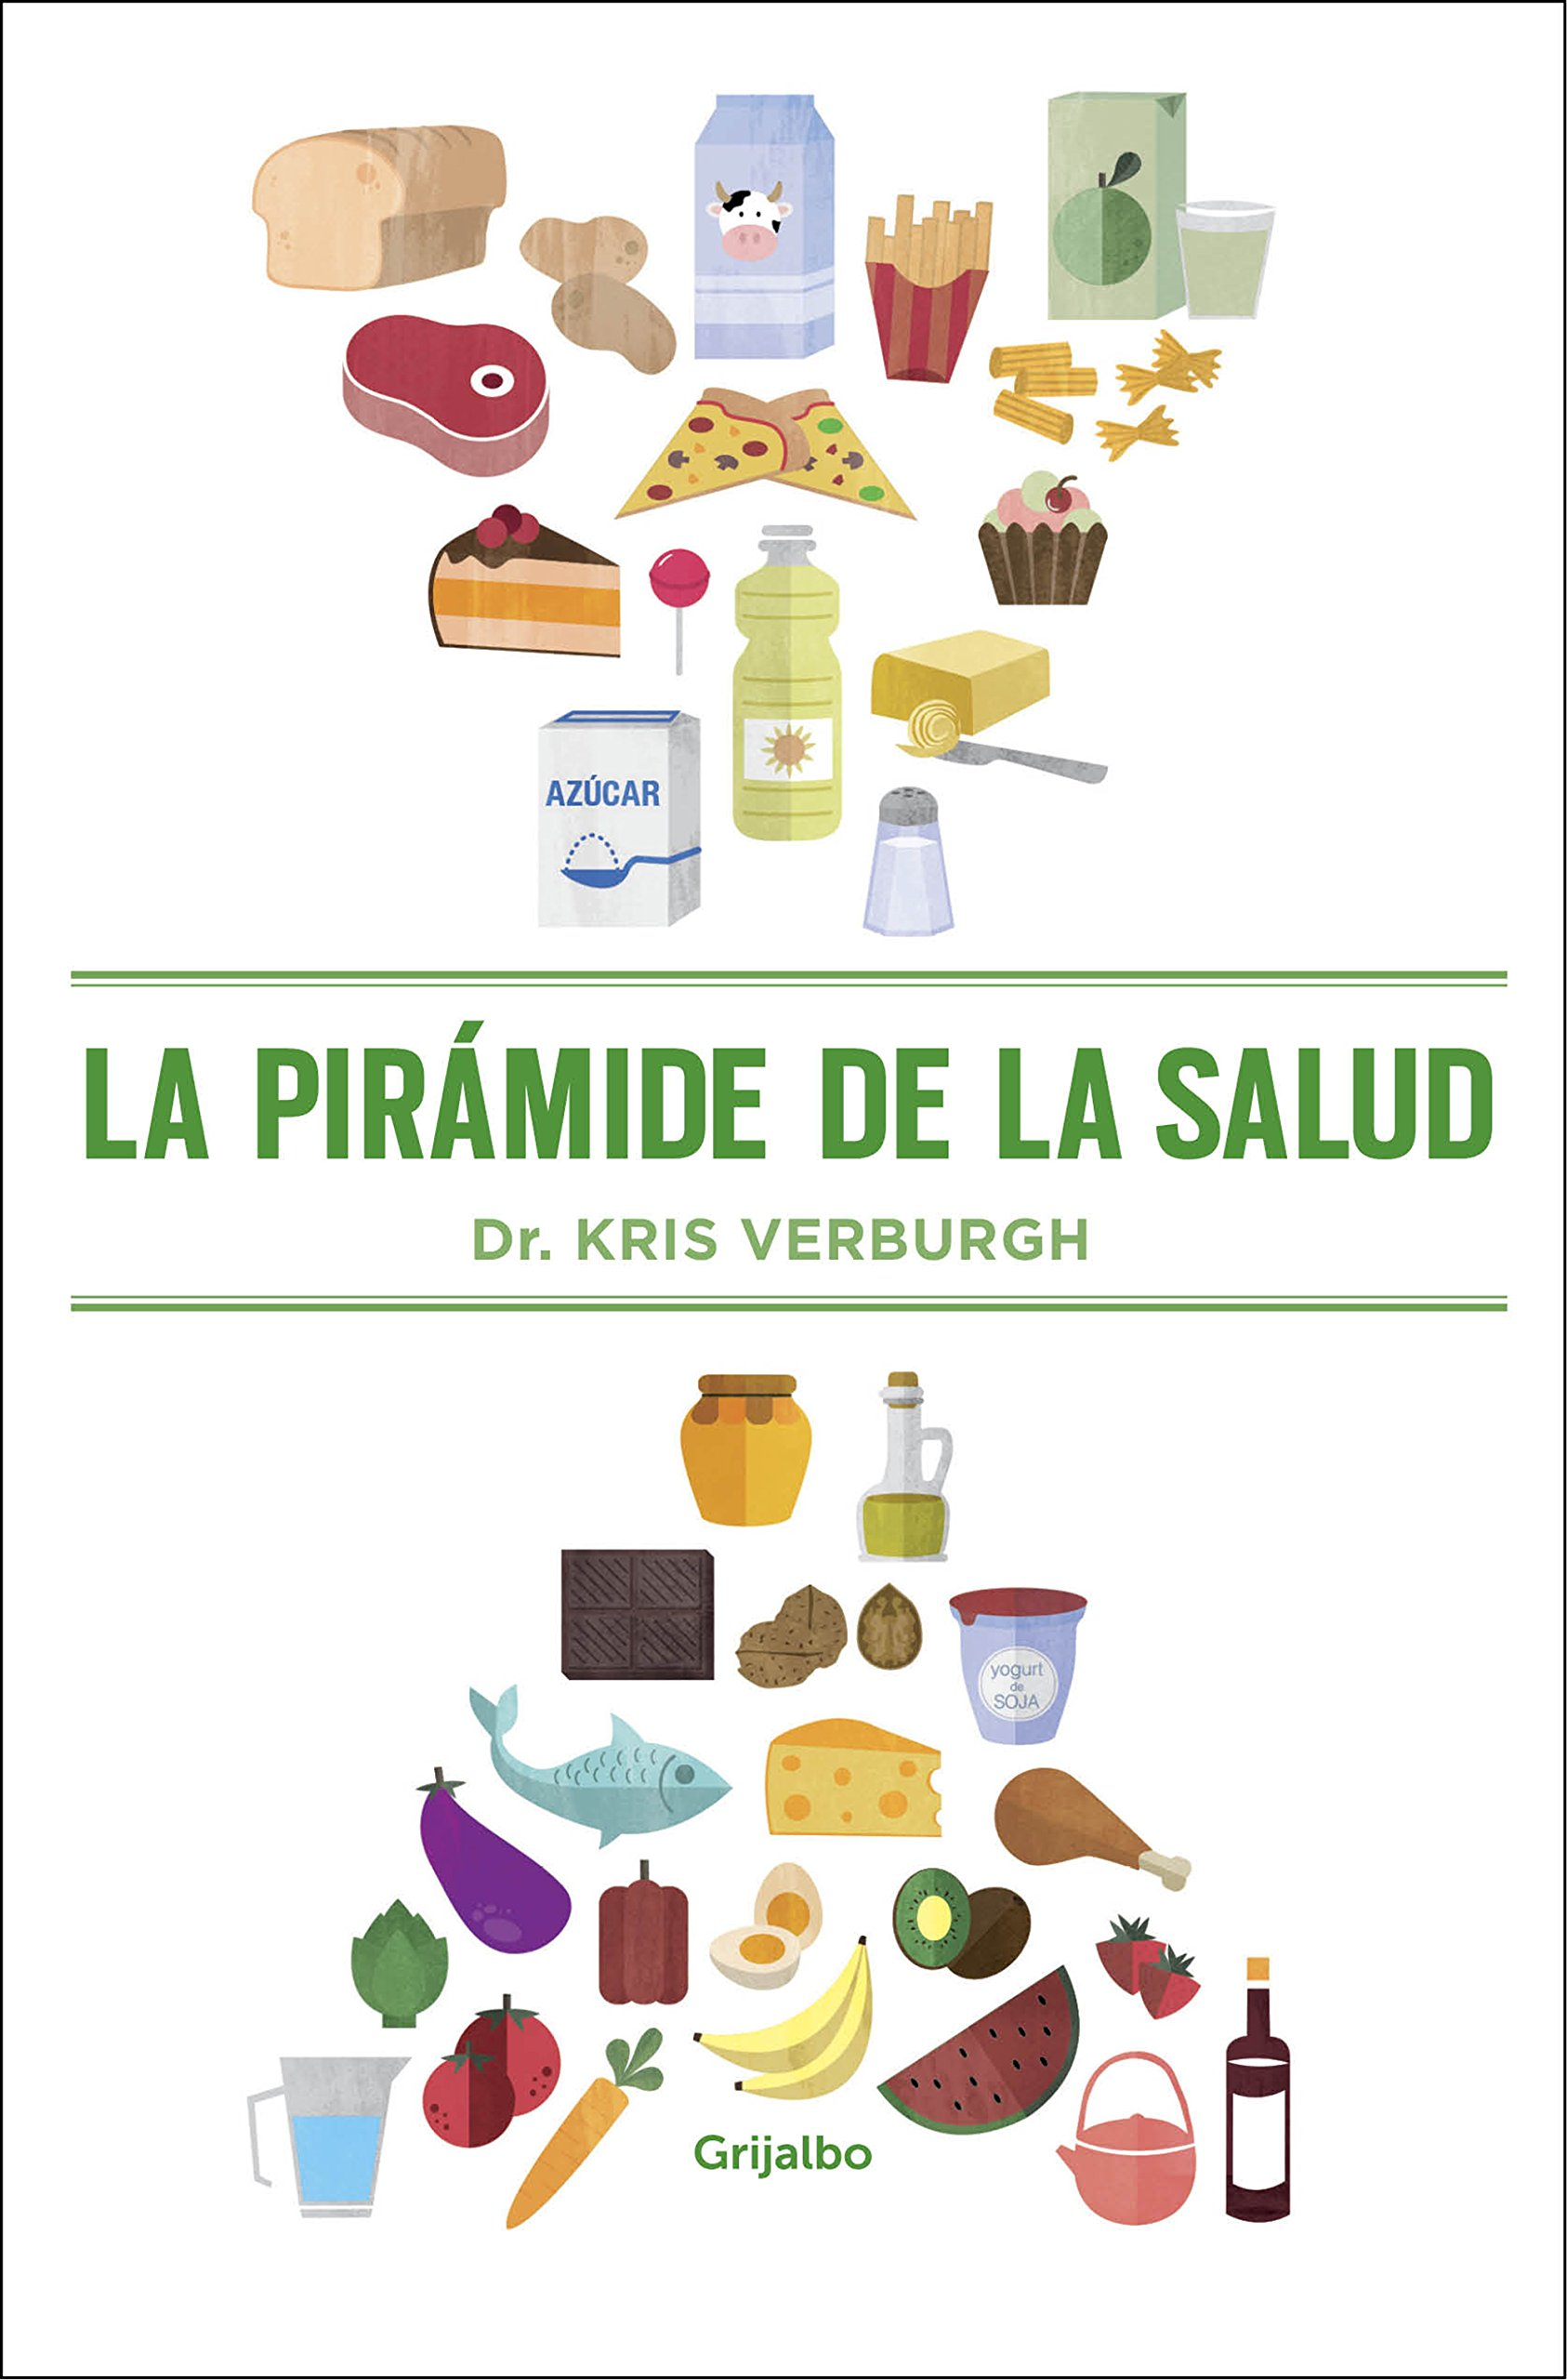 La pirámide de la salud (AUTOAYUDA SUPERACION): Amazon.es: Kris Verburgh, Marta Mabres Vicens;: Libros